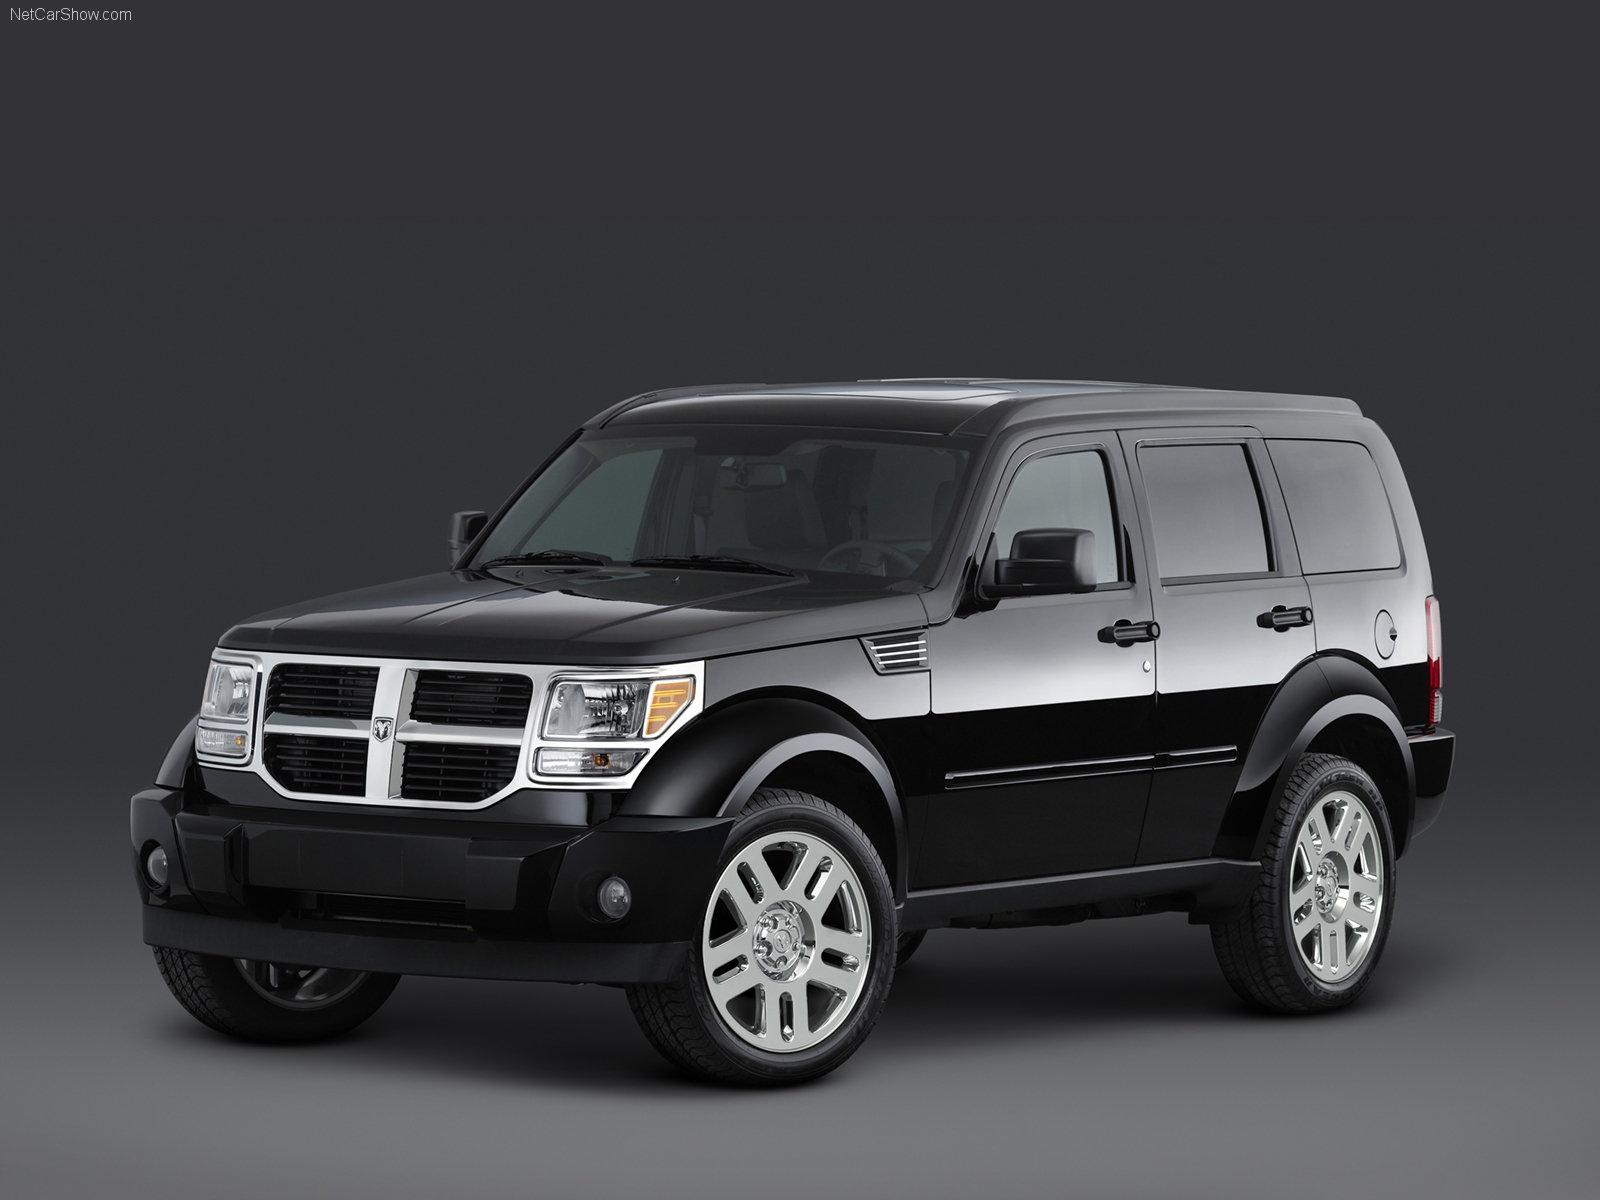 Dodge Nitro SUV - pagenstecher.de - Deine Automeile im Netz